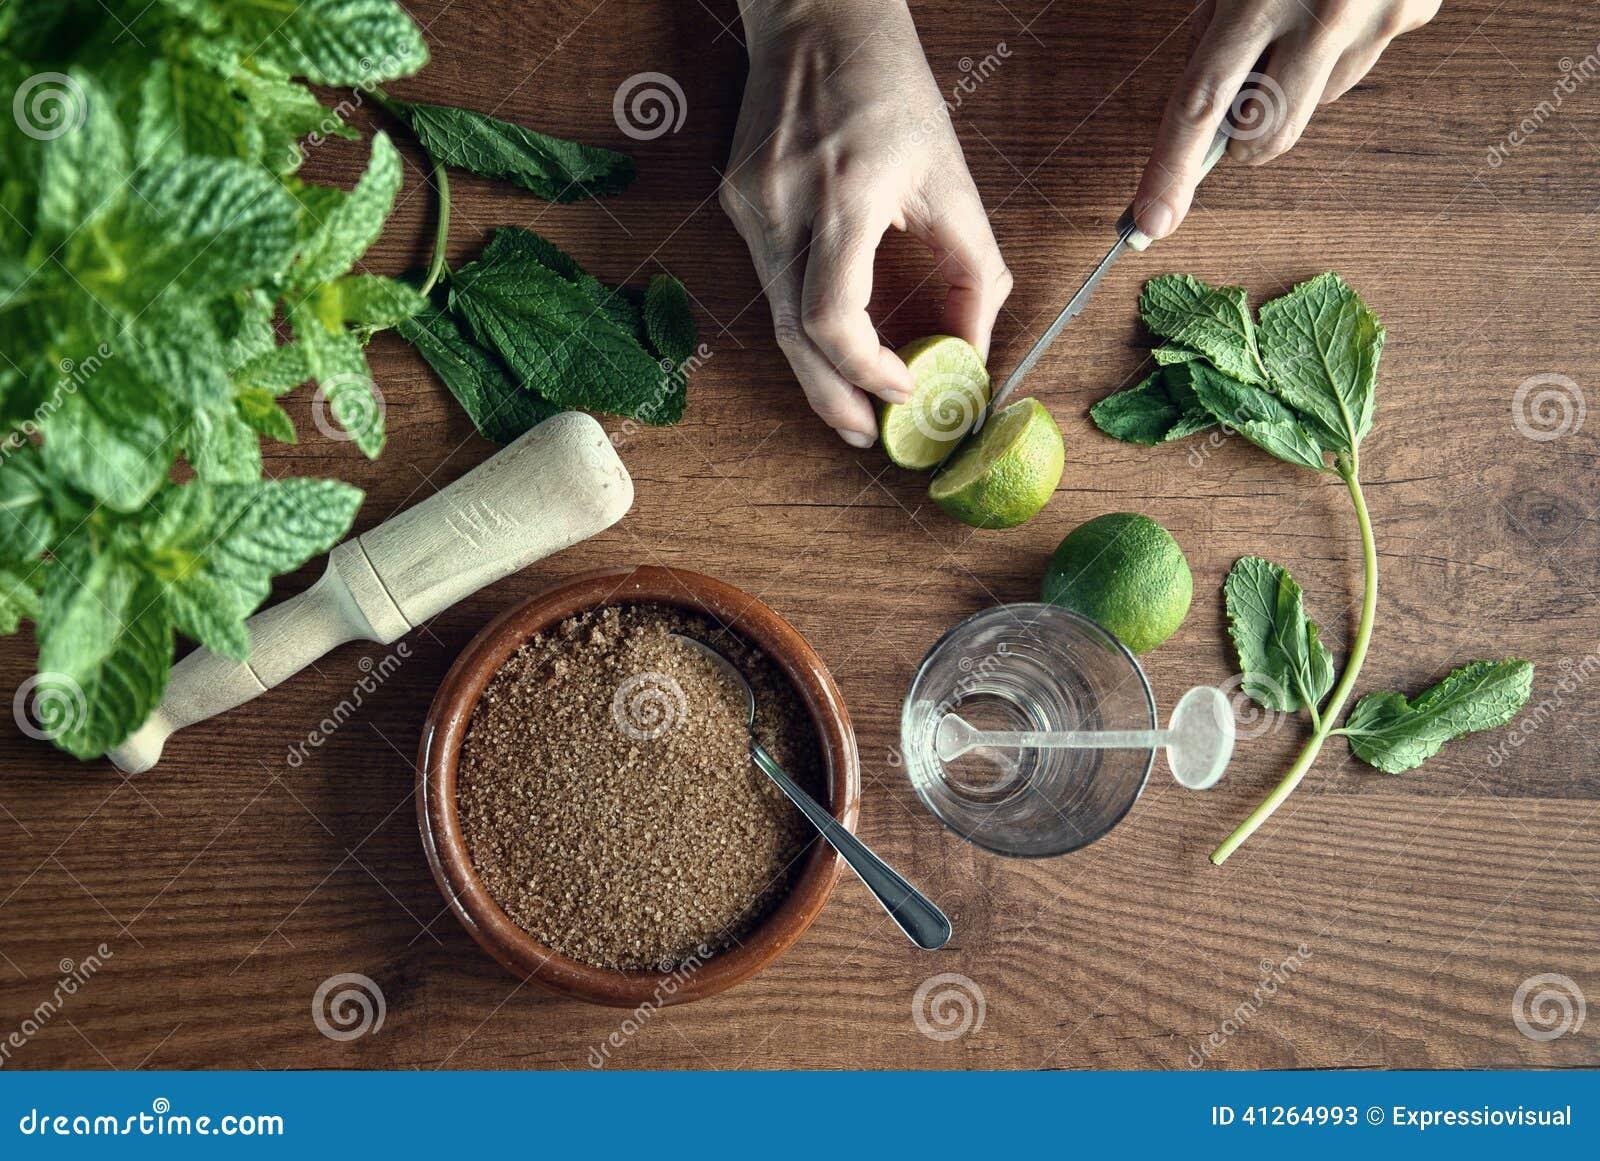 Mani che preparano il cocktail di mojito